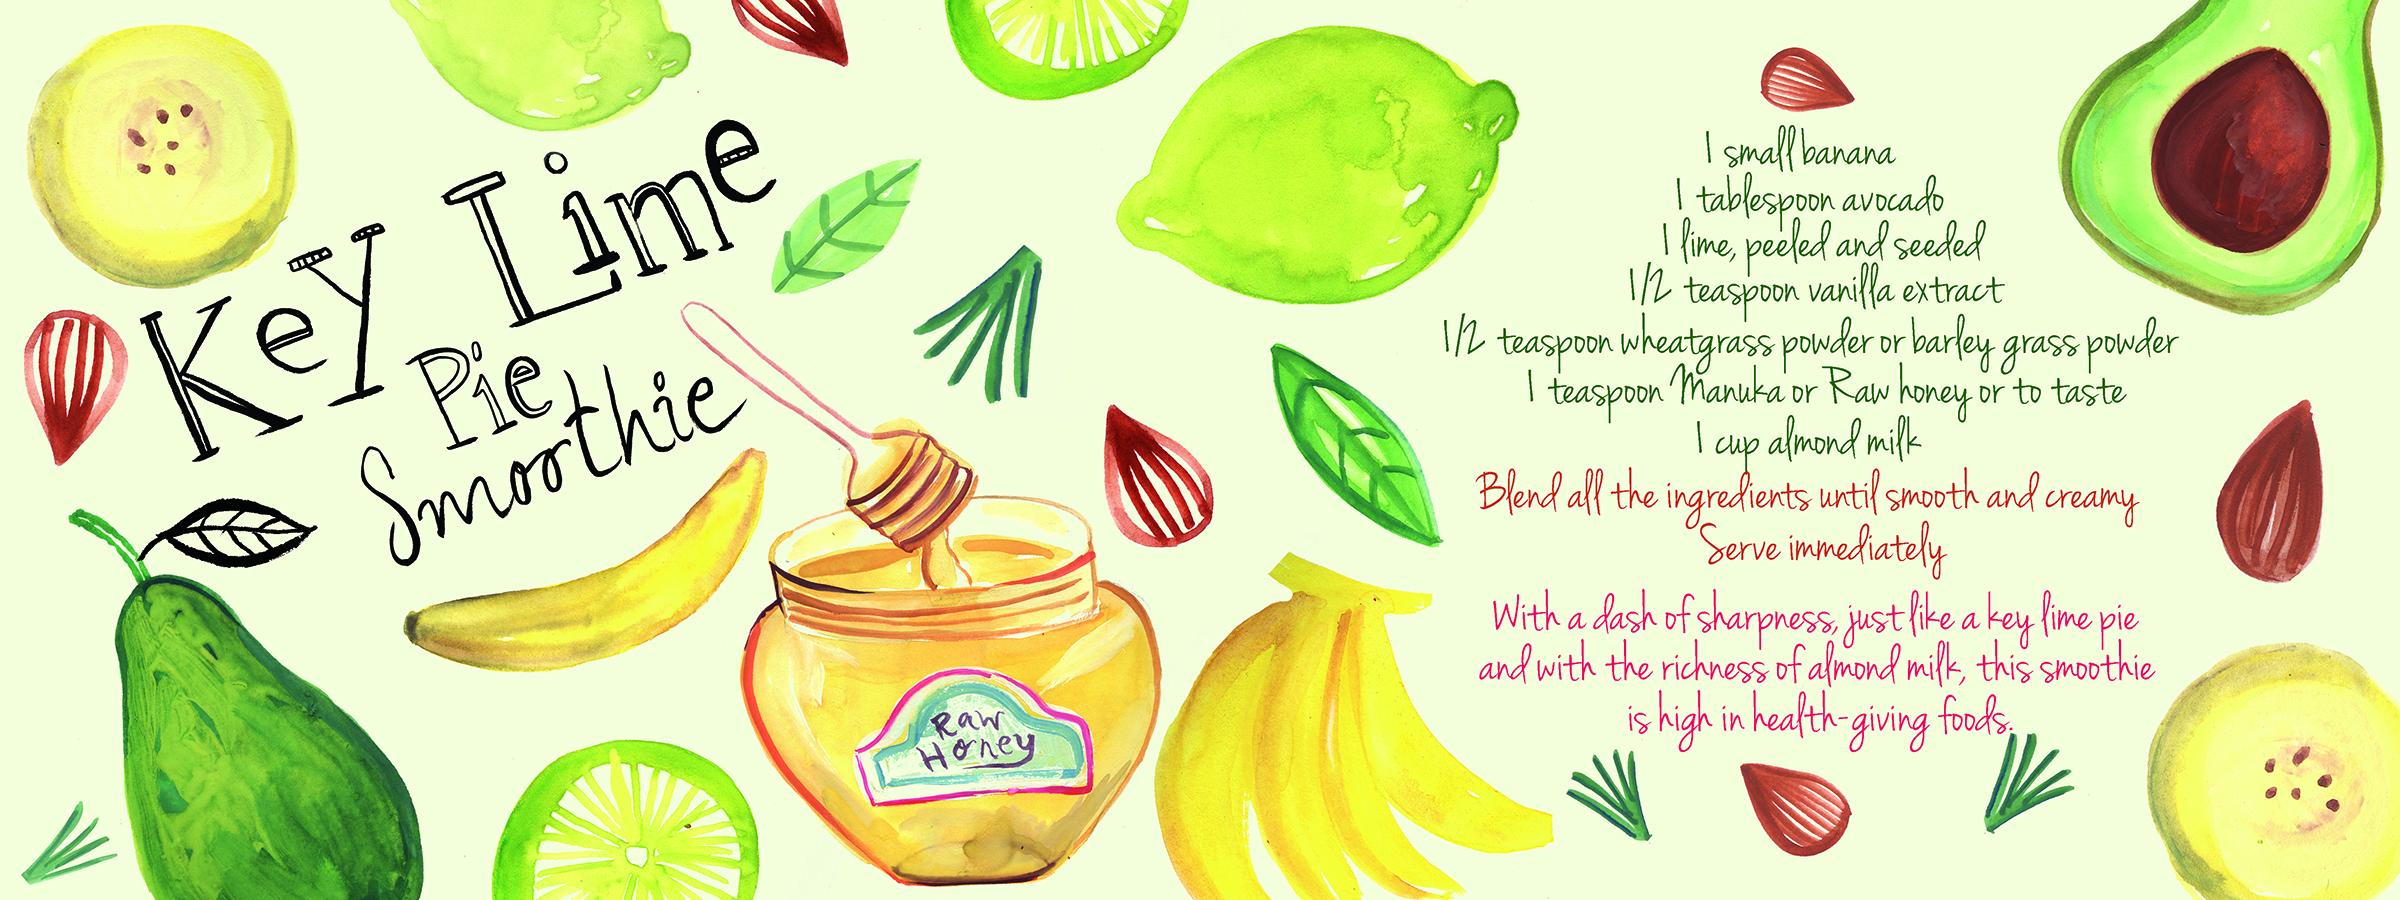 Key Lime.jpg